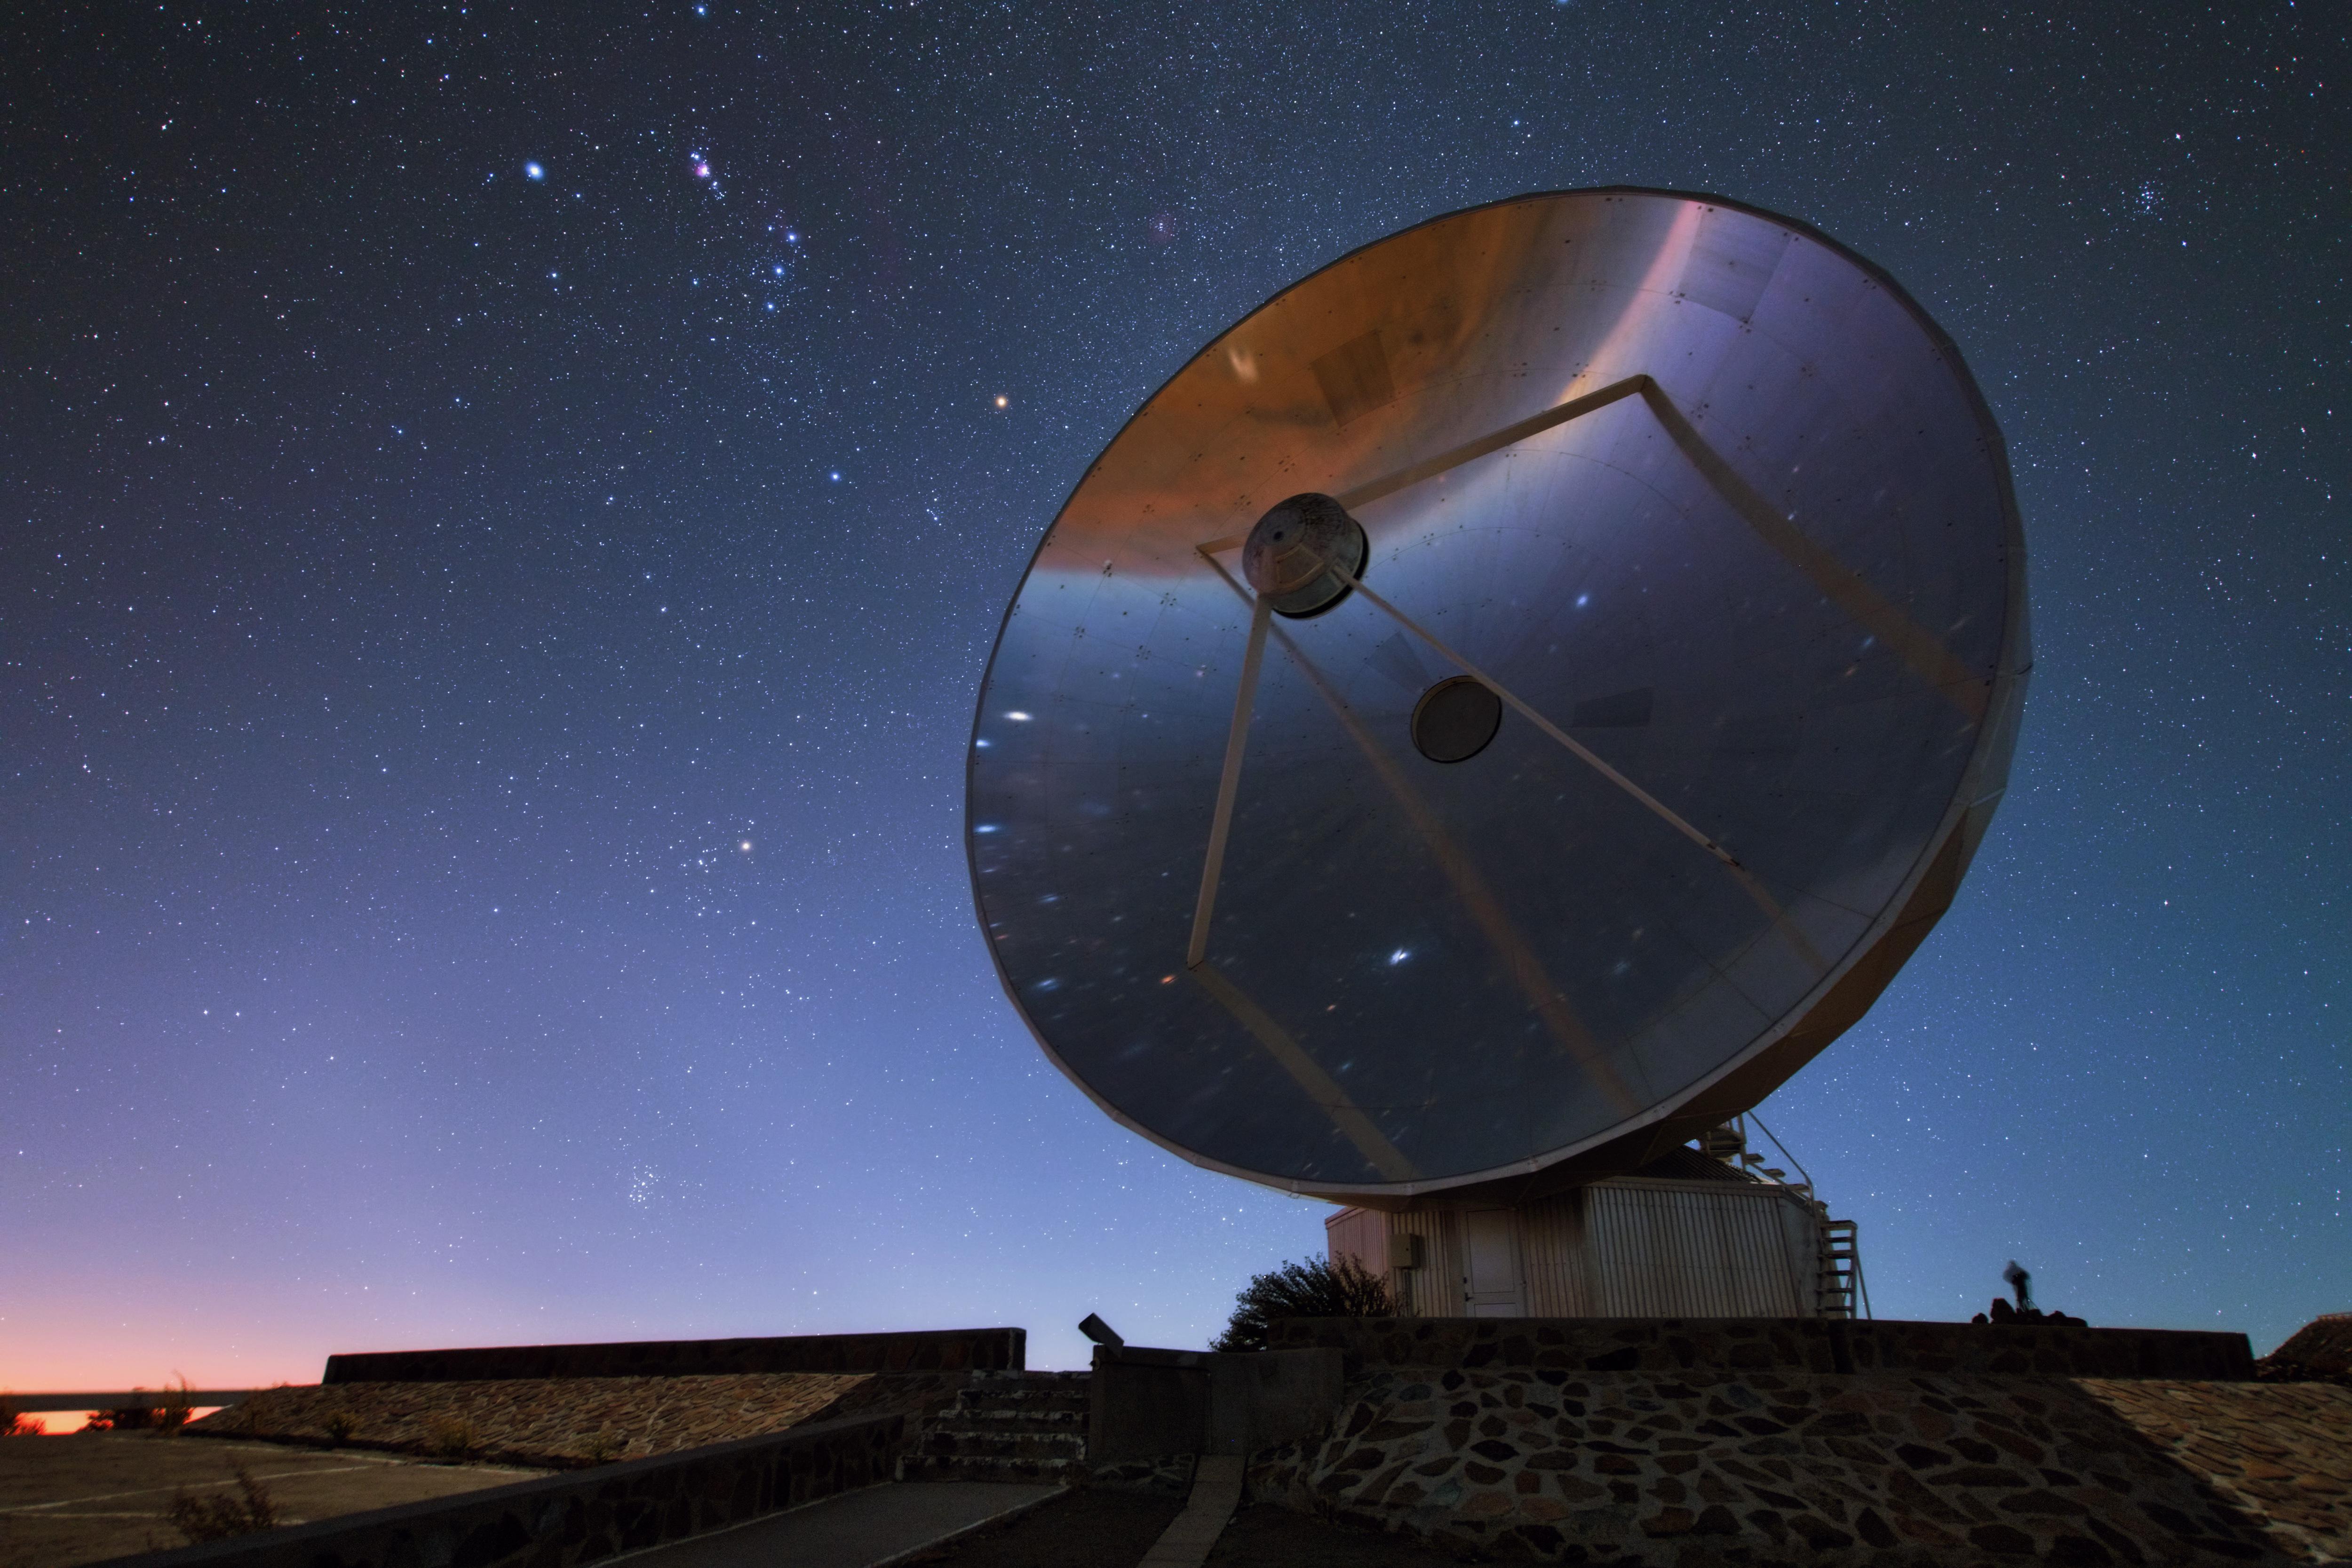 Niebo nadObserwatorium La Silla